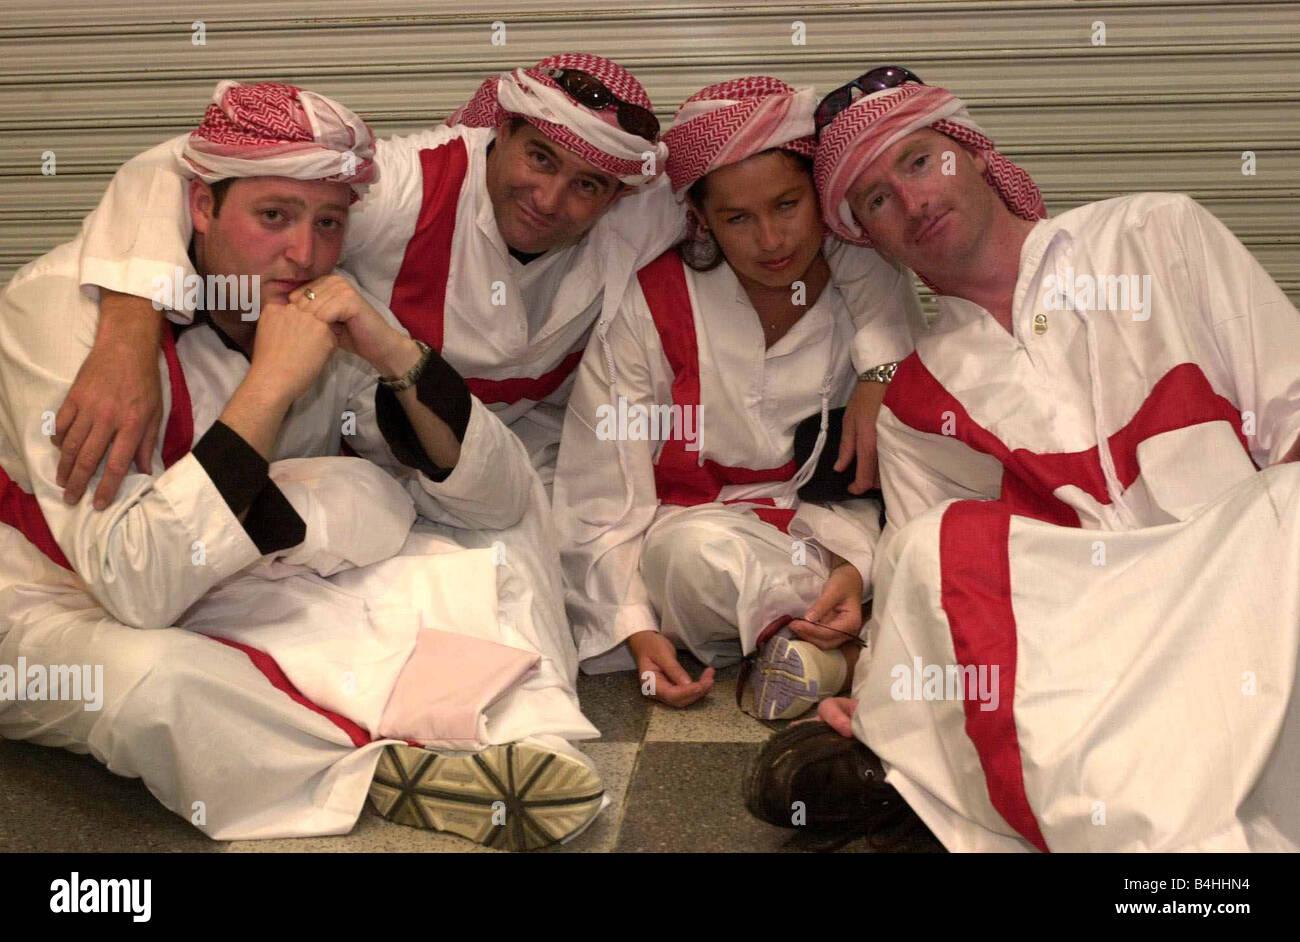 England Football Fans sostenitori Giugno 2002 deluso i tifosi inglesi dopo l'Inghilterra v Brasile Match in Immagini Stock